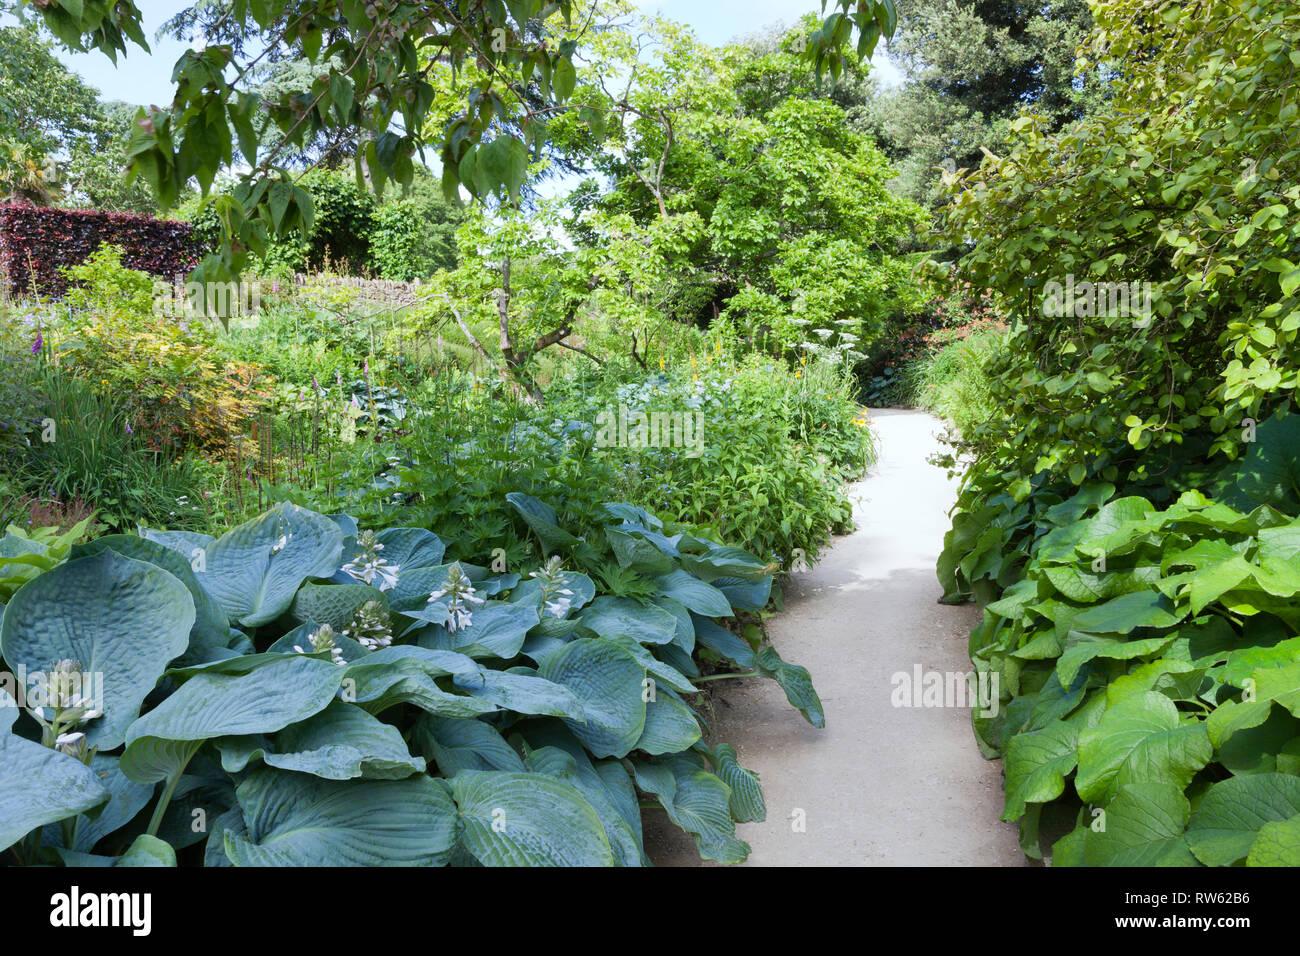 Chemin de gravier à travers les fleurs, arbustes et arbres dans un ...